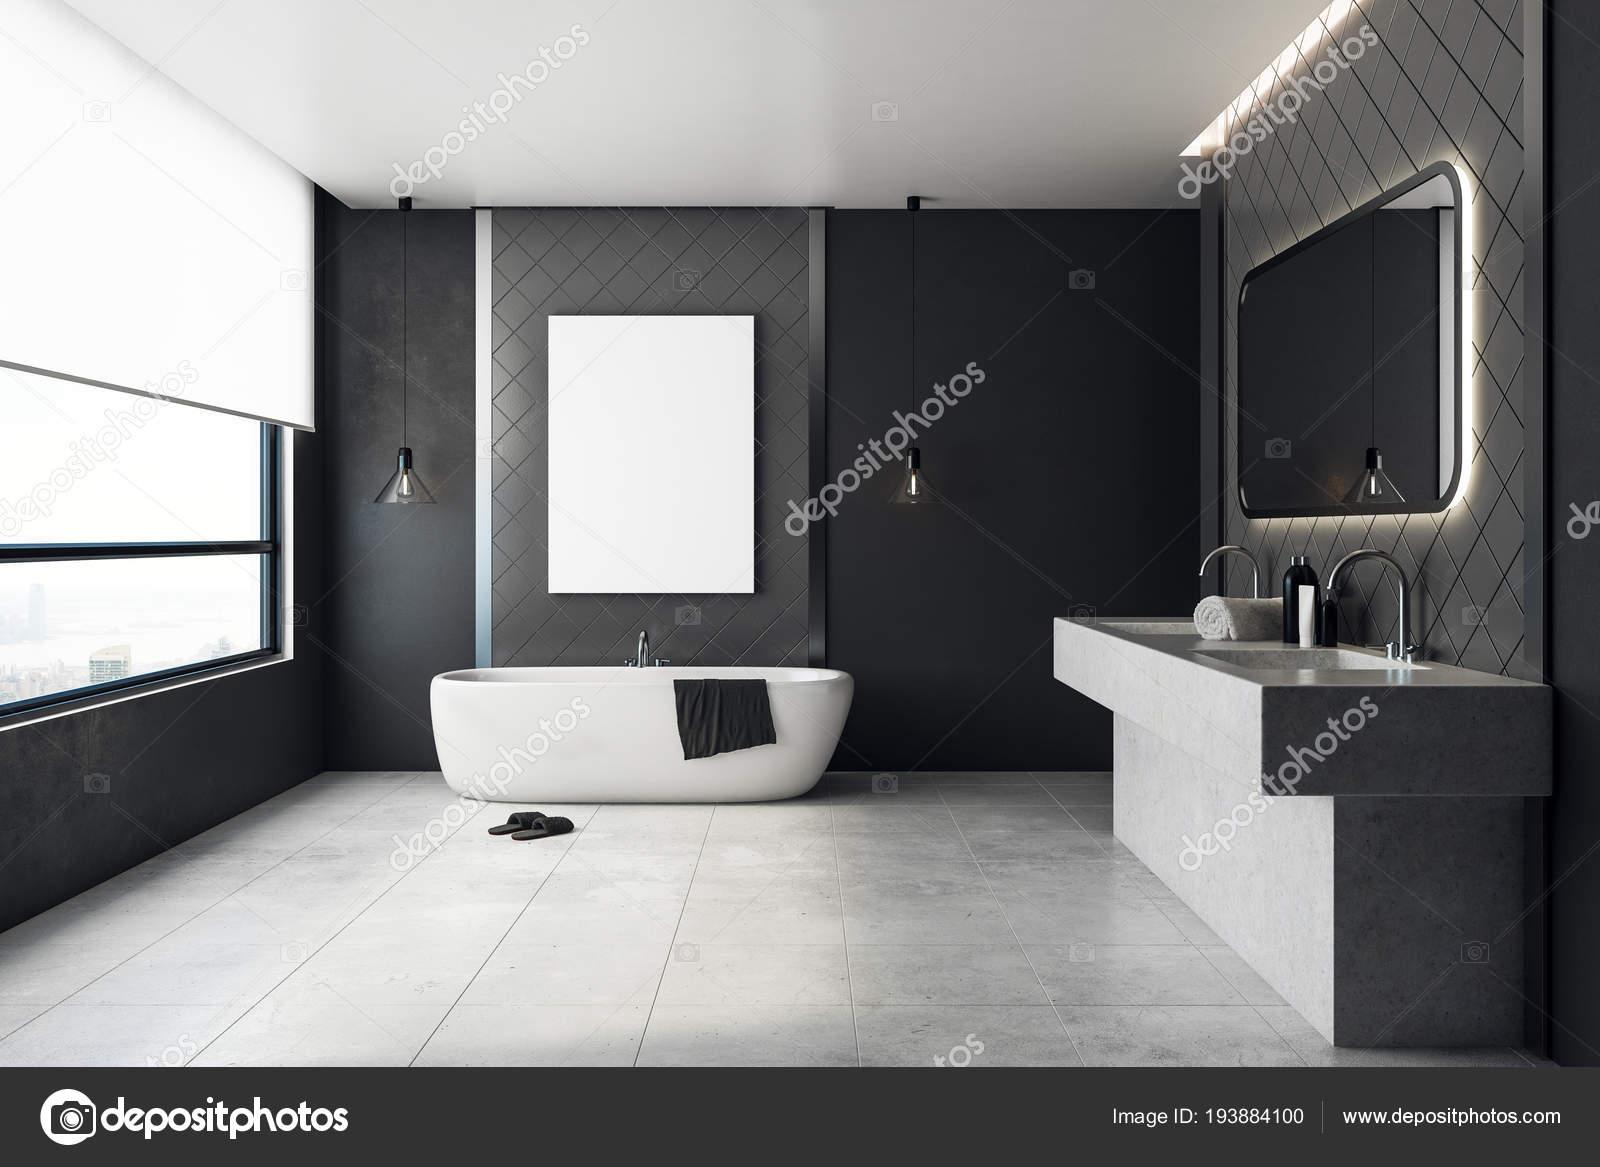 Salle de bain contemporaine avec bannière vide ...